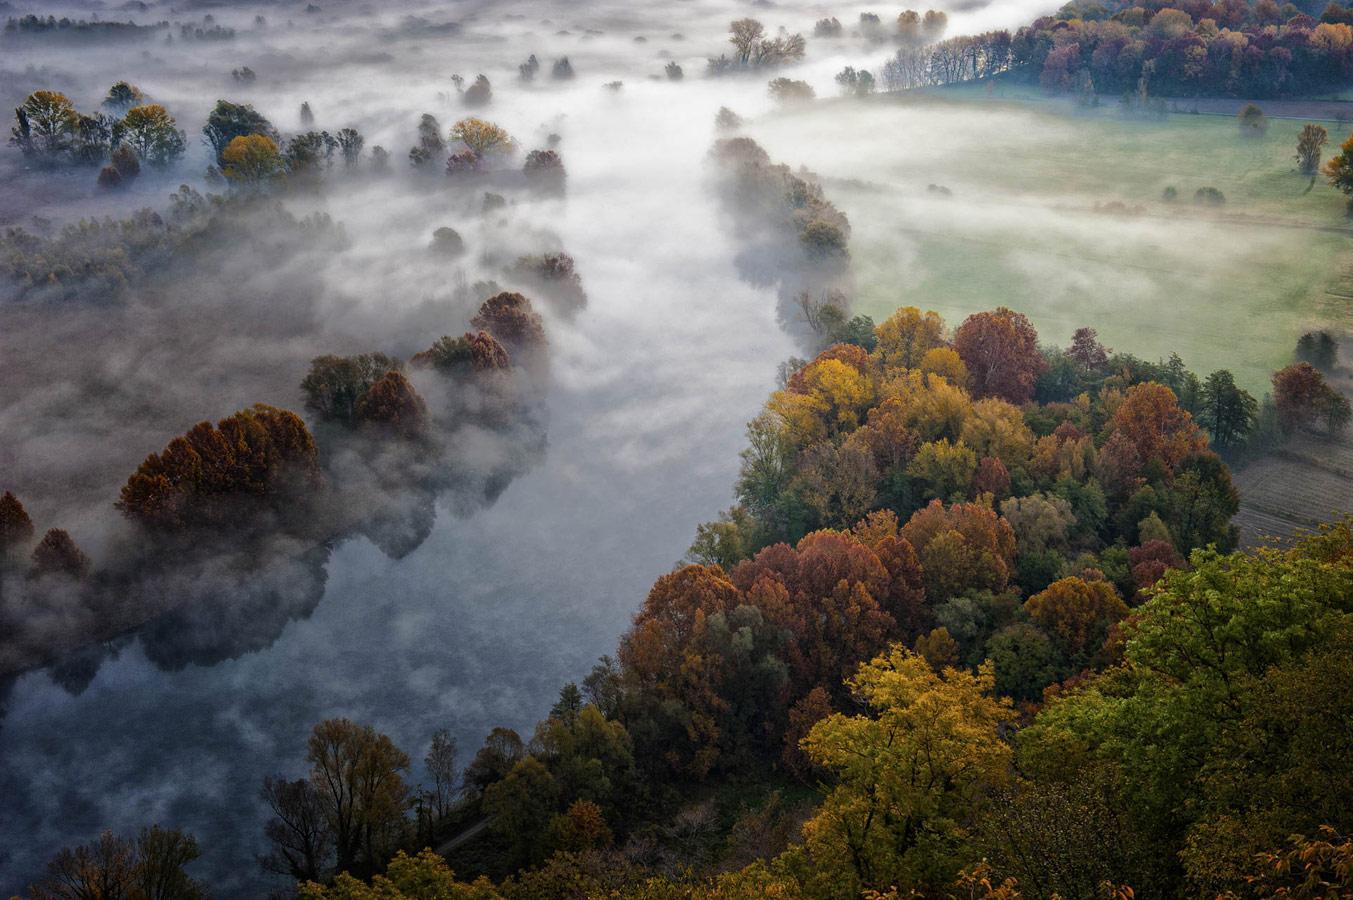 © Массимо Занотти / Massimo Zanotti, Итальянский фотоград года, Фотоконкурс Oasis Photo Contest